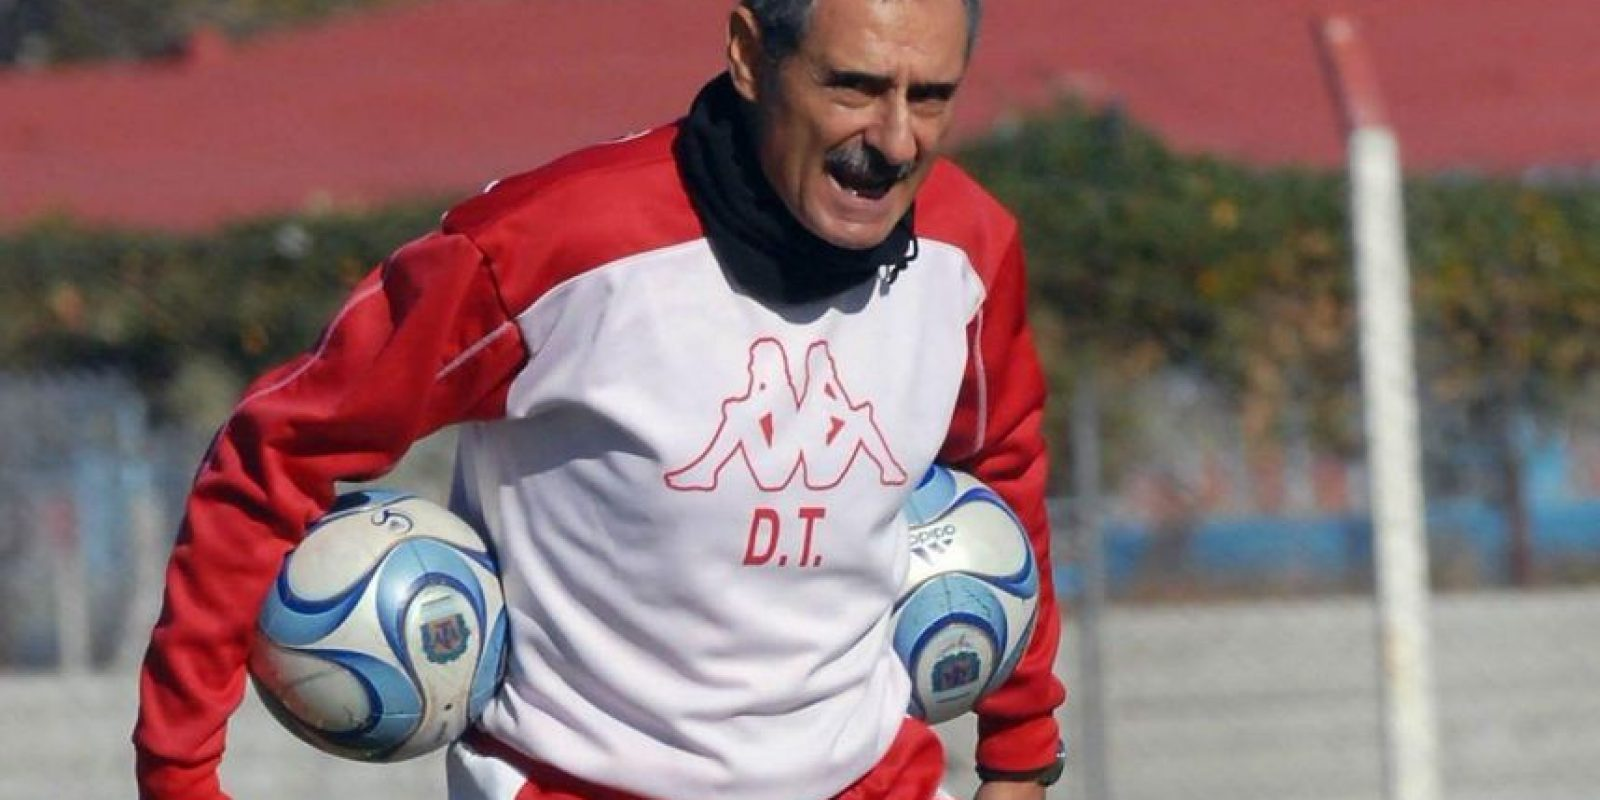 """""""El futuro del fútbol está en el pasado"""", Cappa fue DT de Banfield, Huracán, y River Plate, entre otros clubes Foto:Getty Images"""